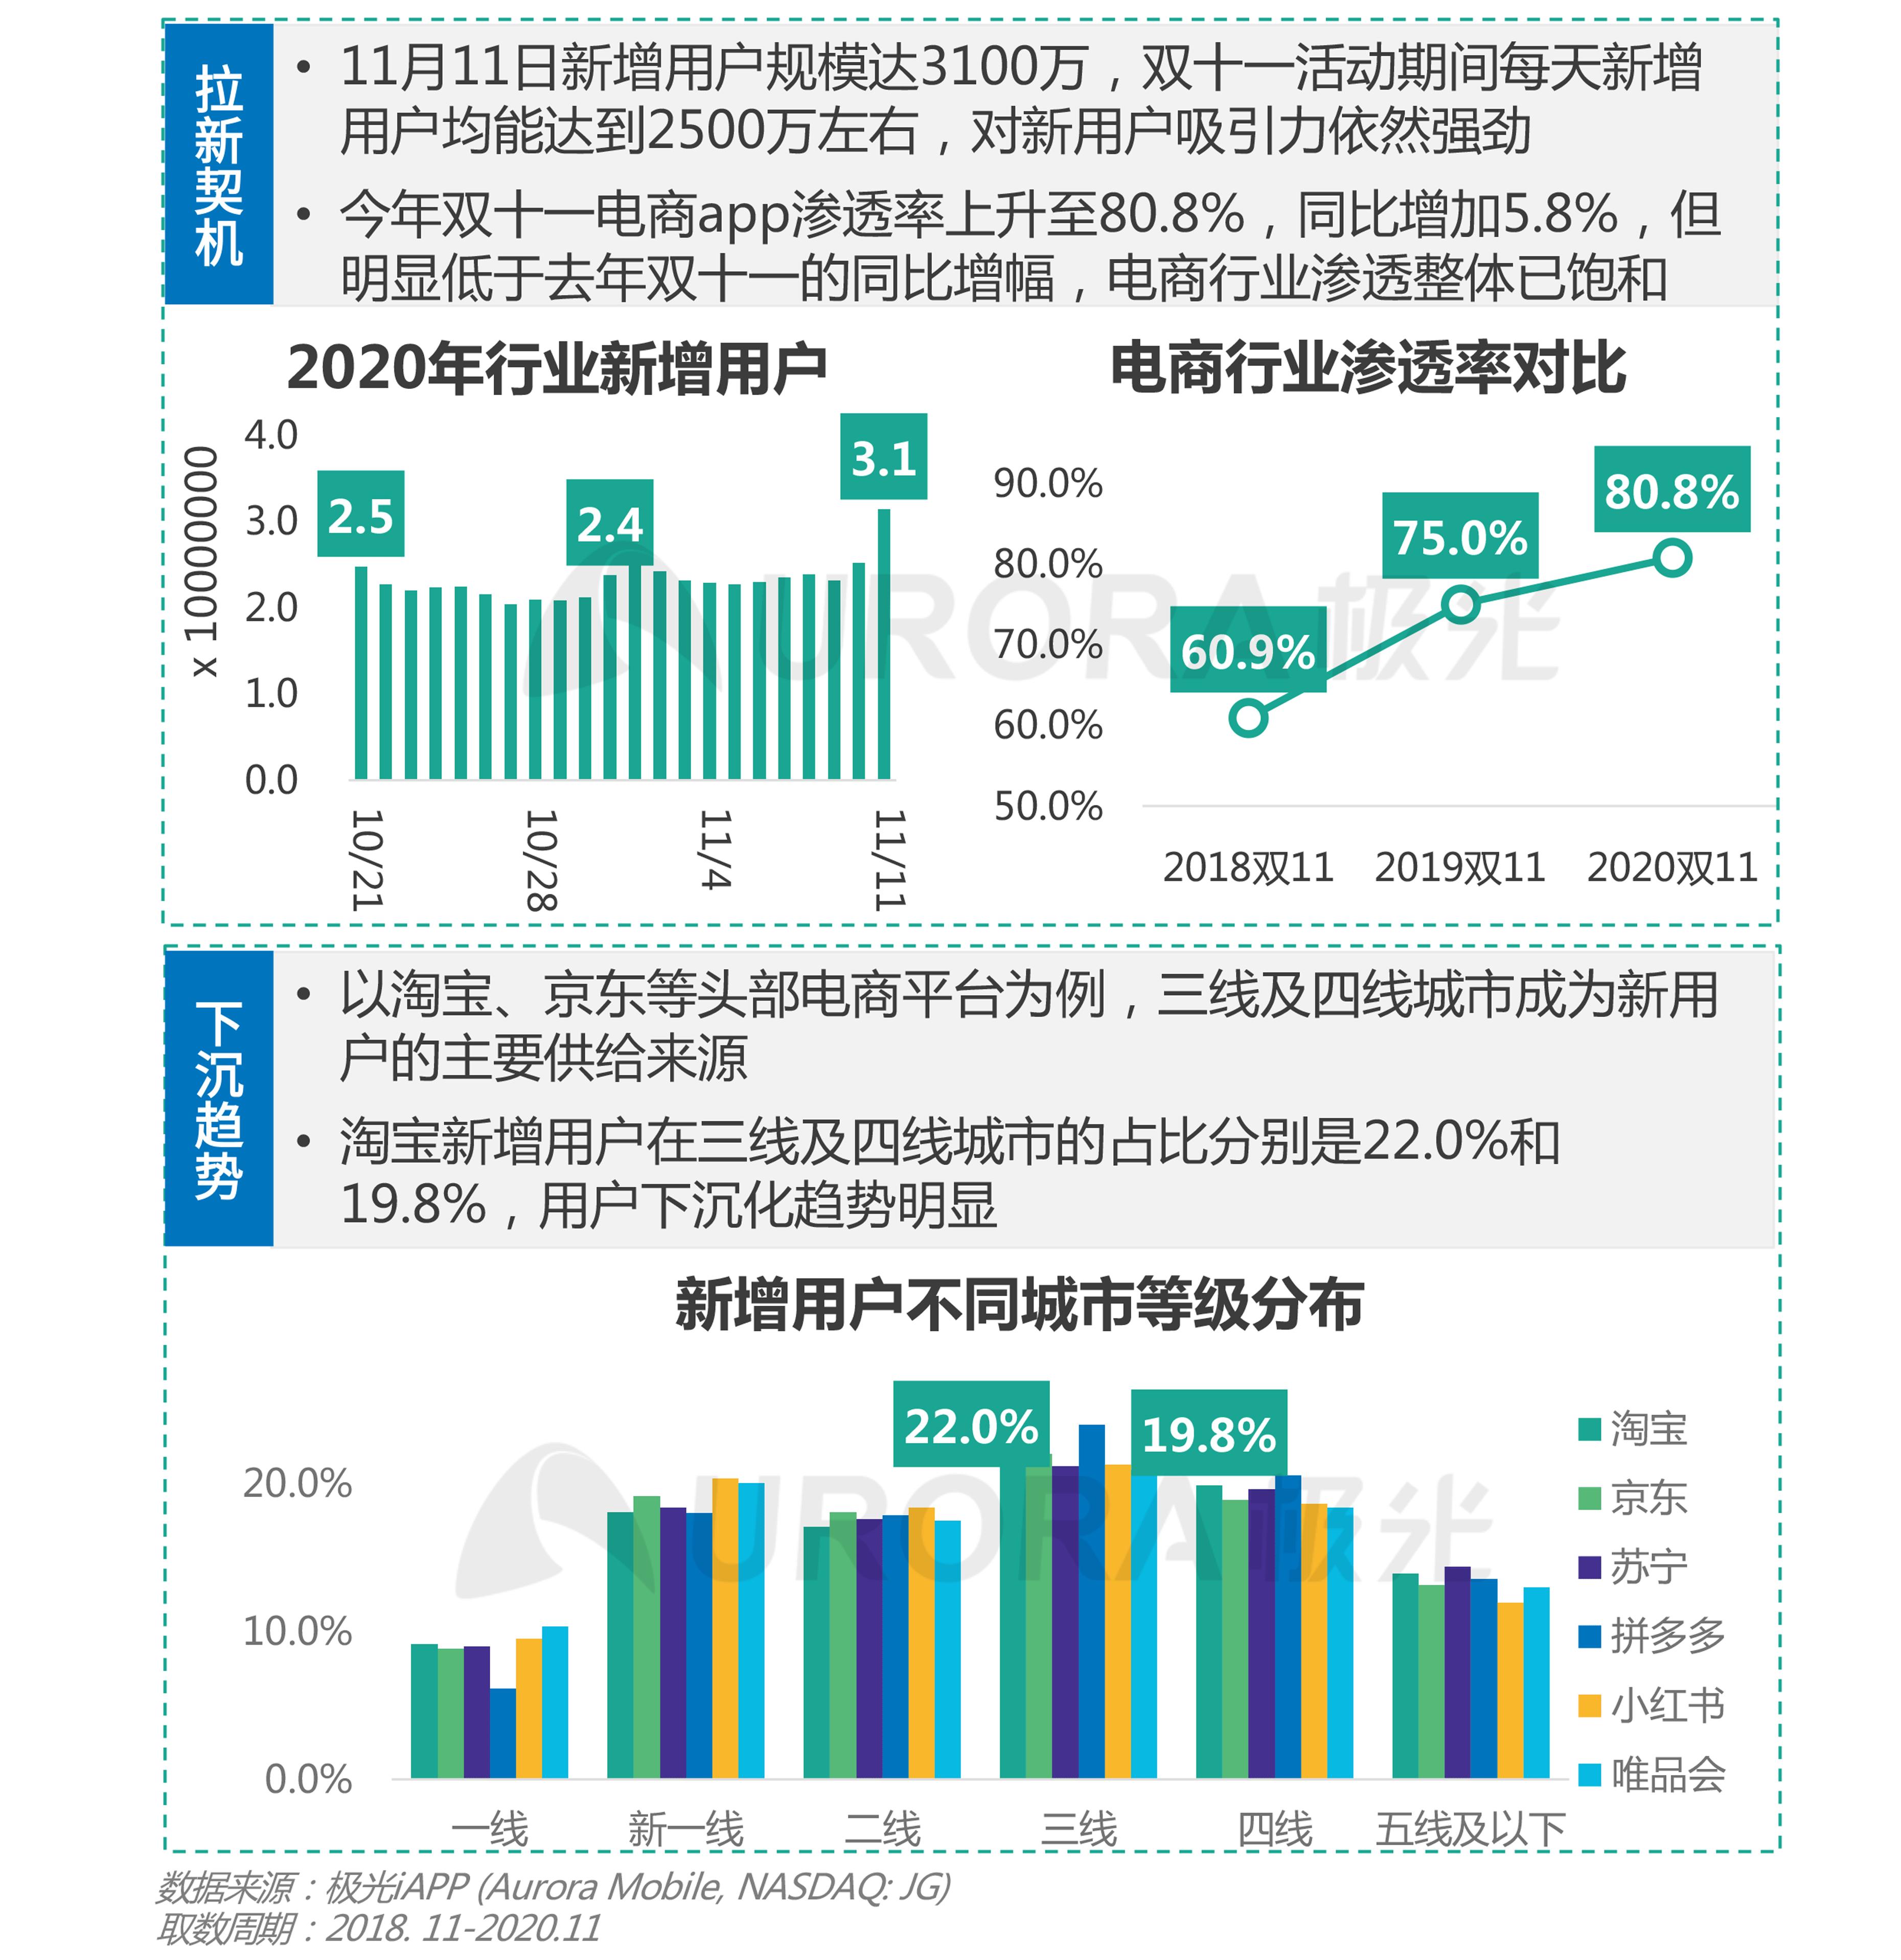 极光:双十一电商报告 (8).png